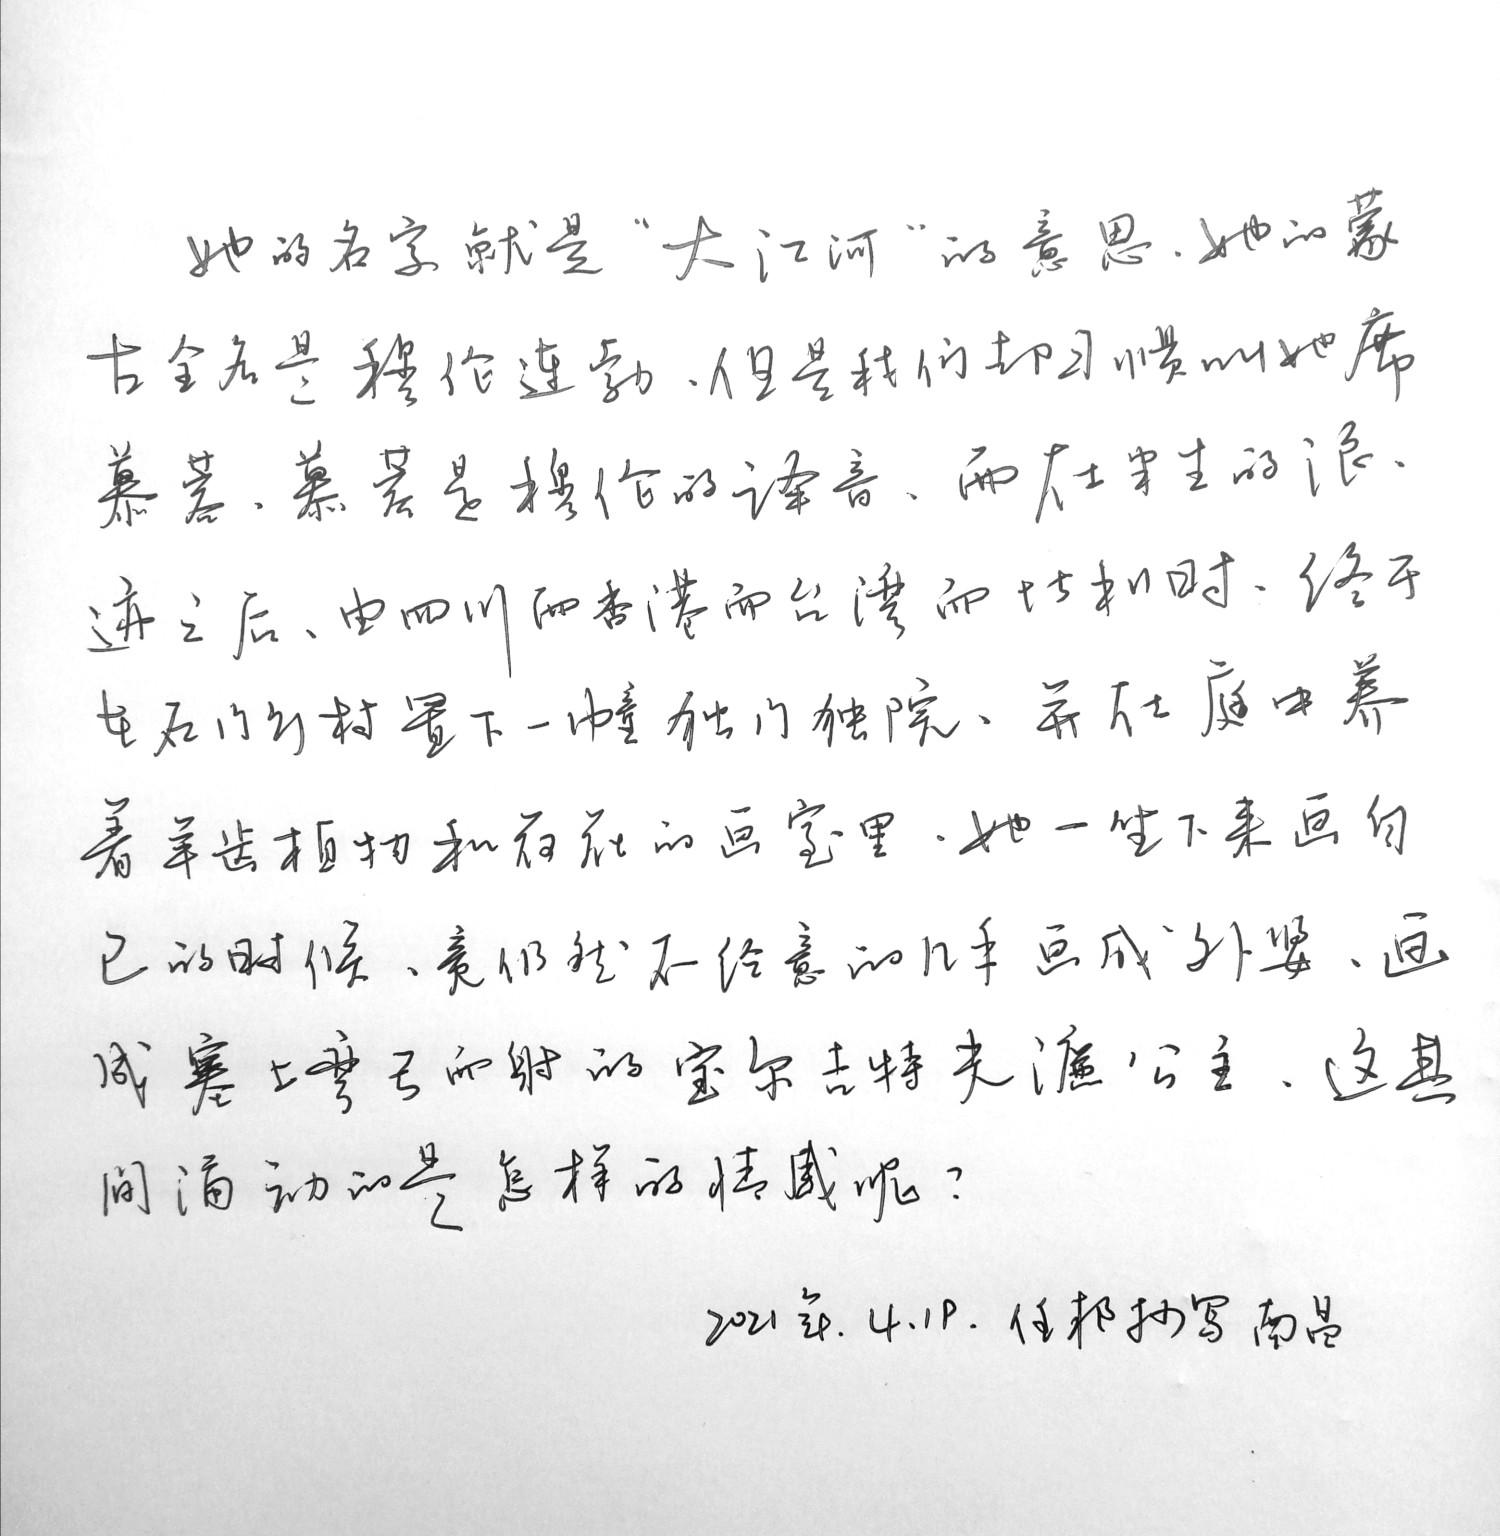 钢笔爱好者练字打卡20210420-19